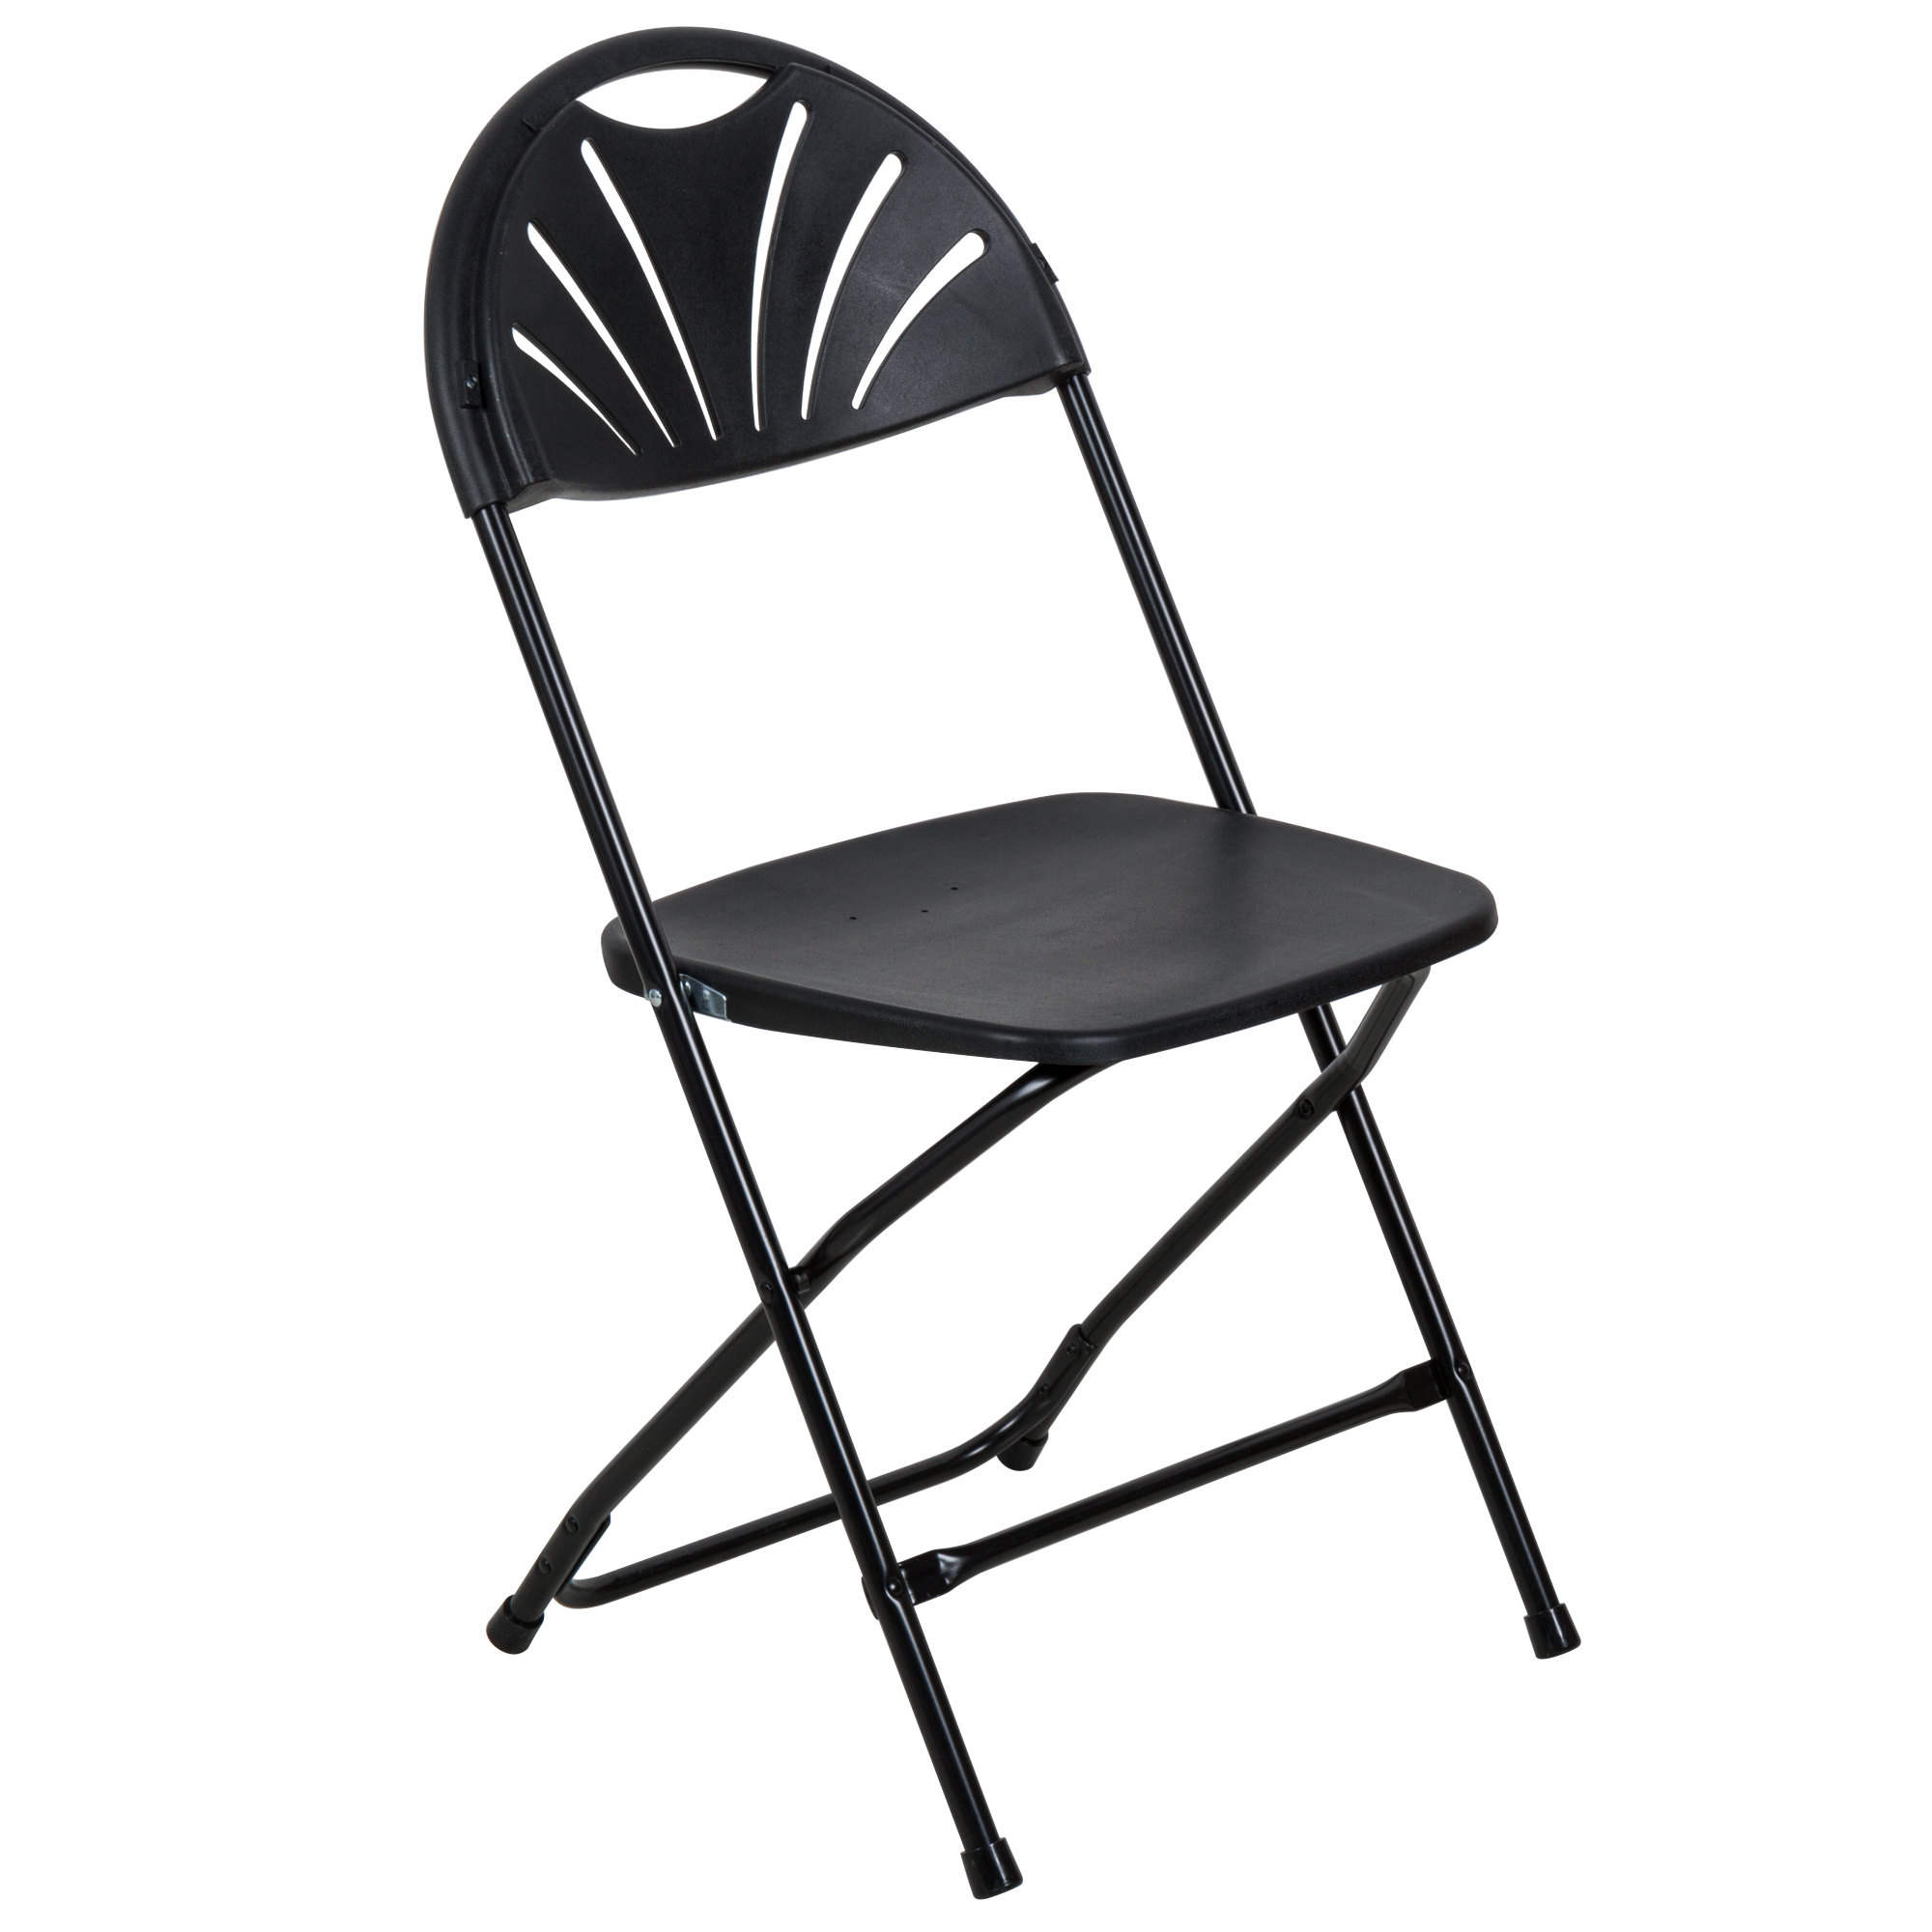 Black Fan Chair - $1.75 each